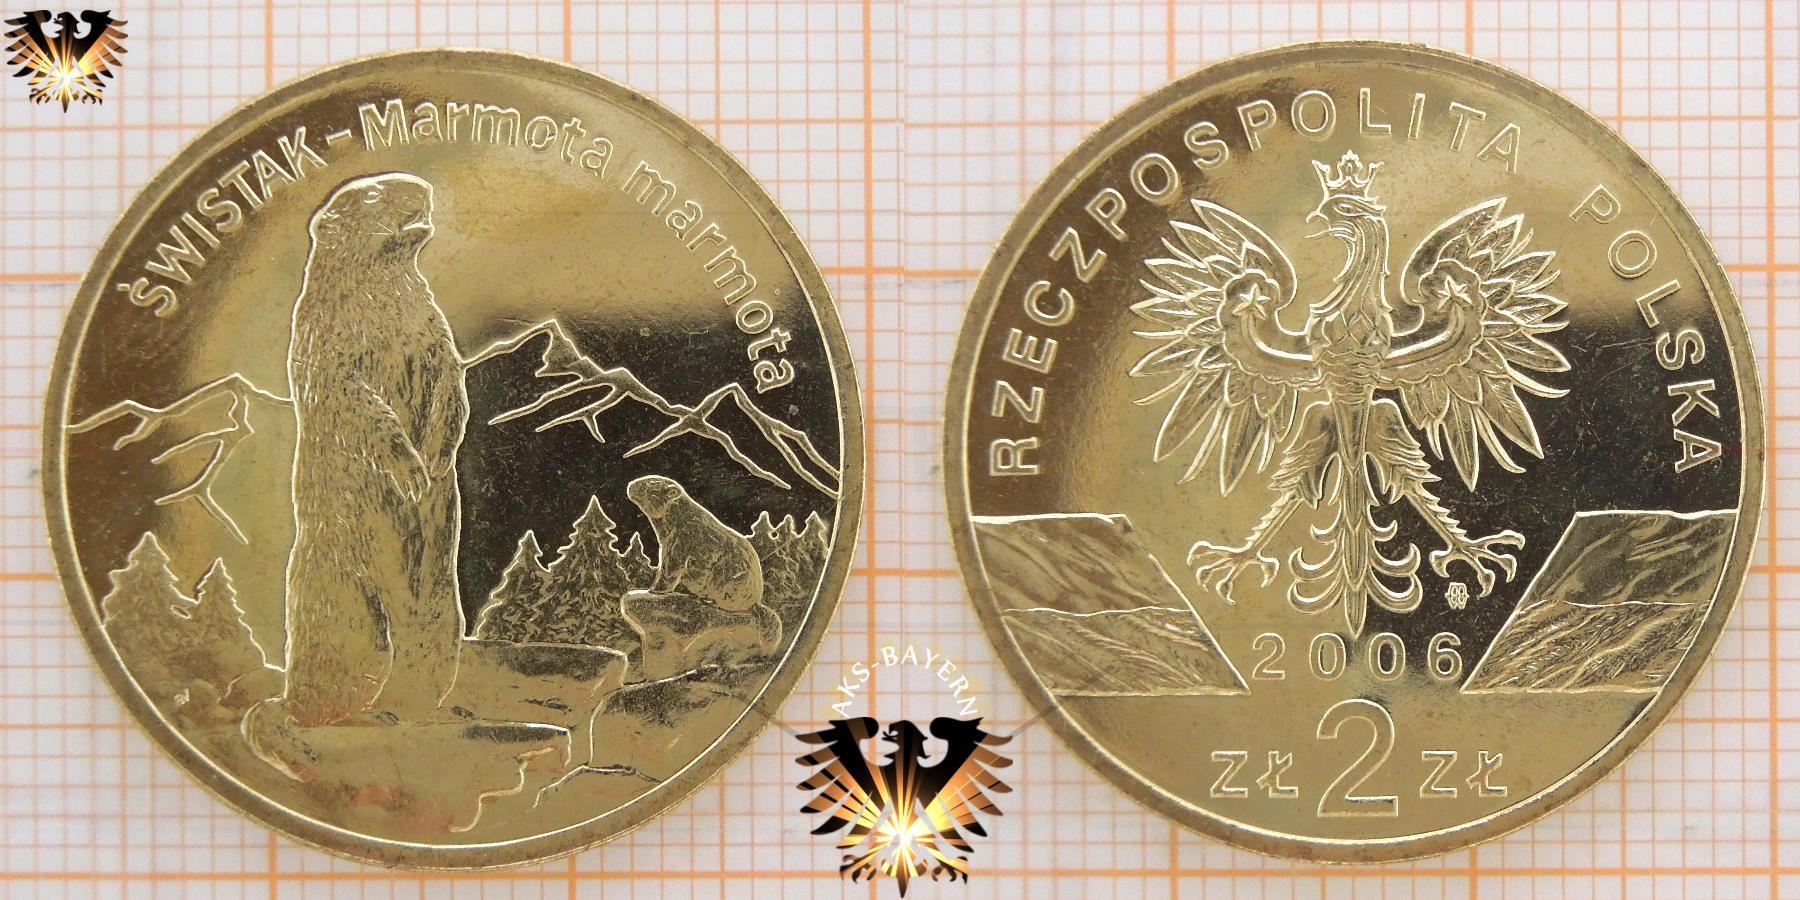 Münze 2 Złote Polen 2006 Swistak Marmota Marmota Schönes